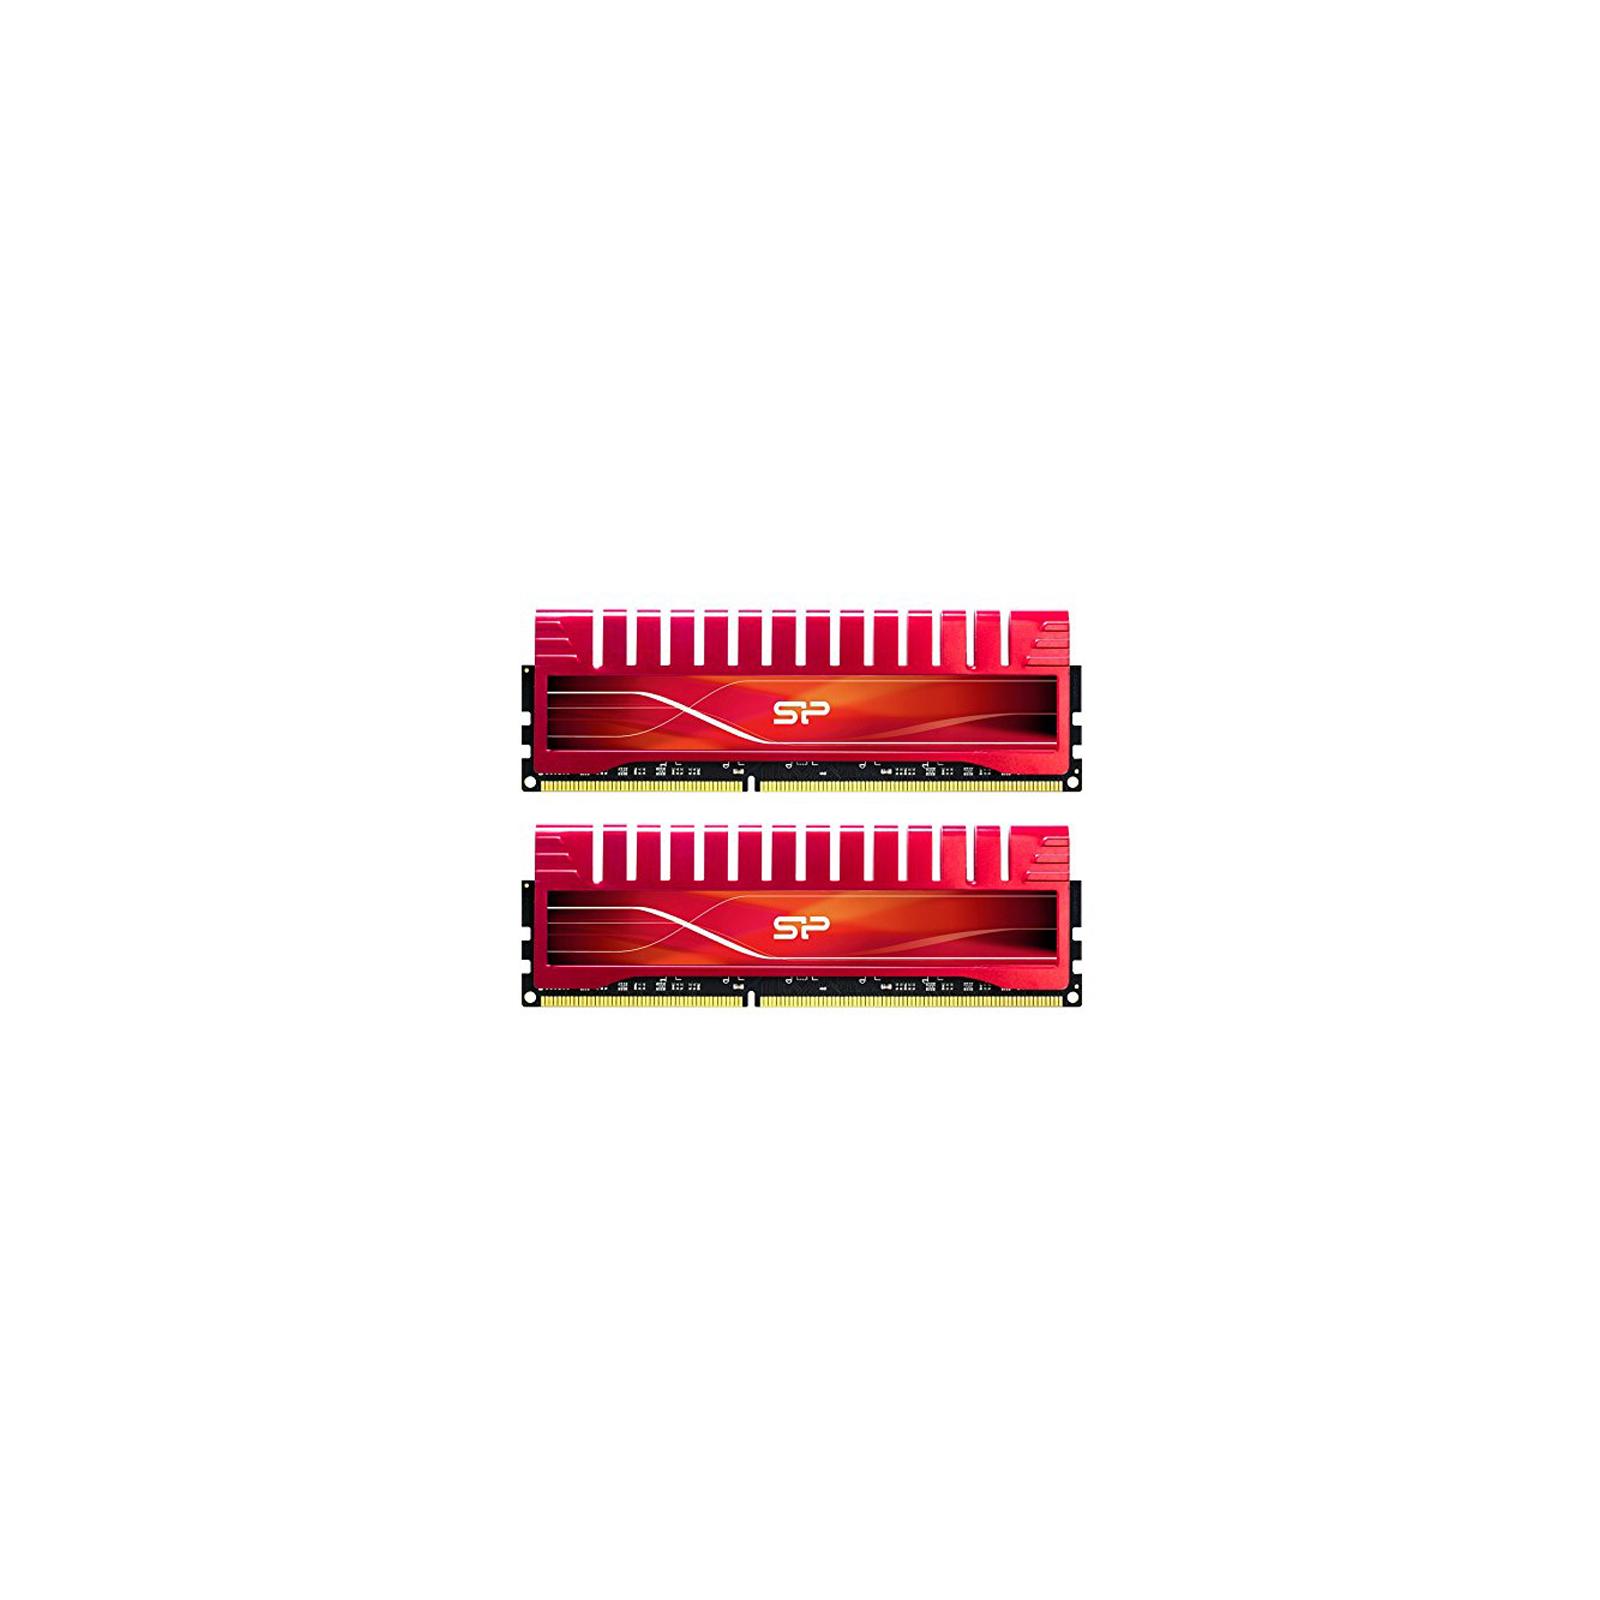 Модуль памяти для компьютера DDR3 16GB (2x8GB) 1866 MHz X-Power Silicon Power (SP016GXLYU18ANDA)